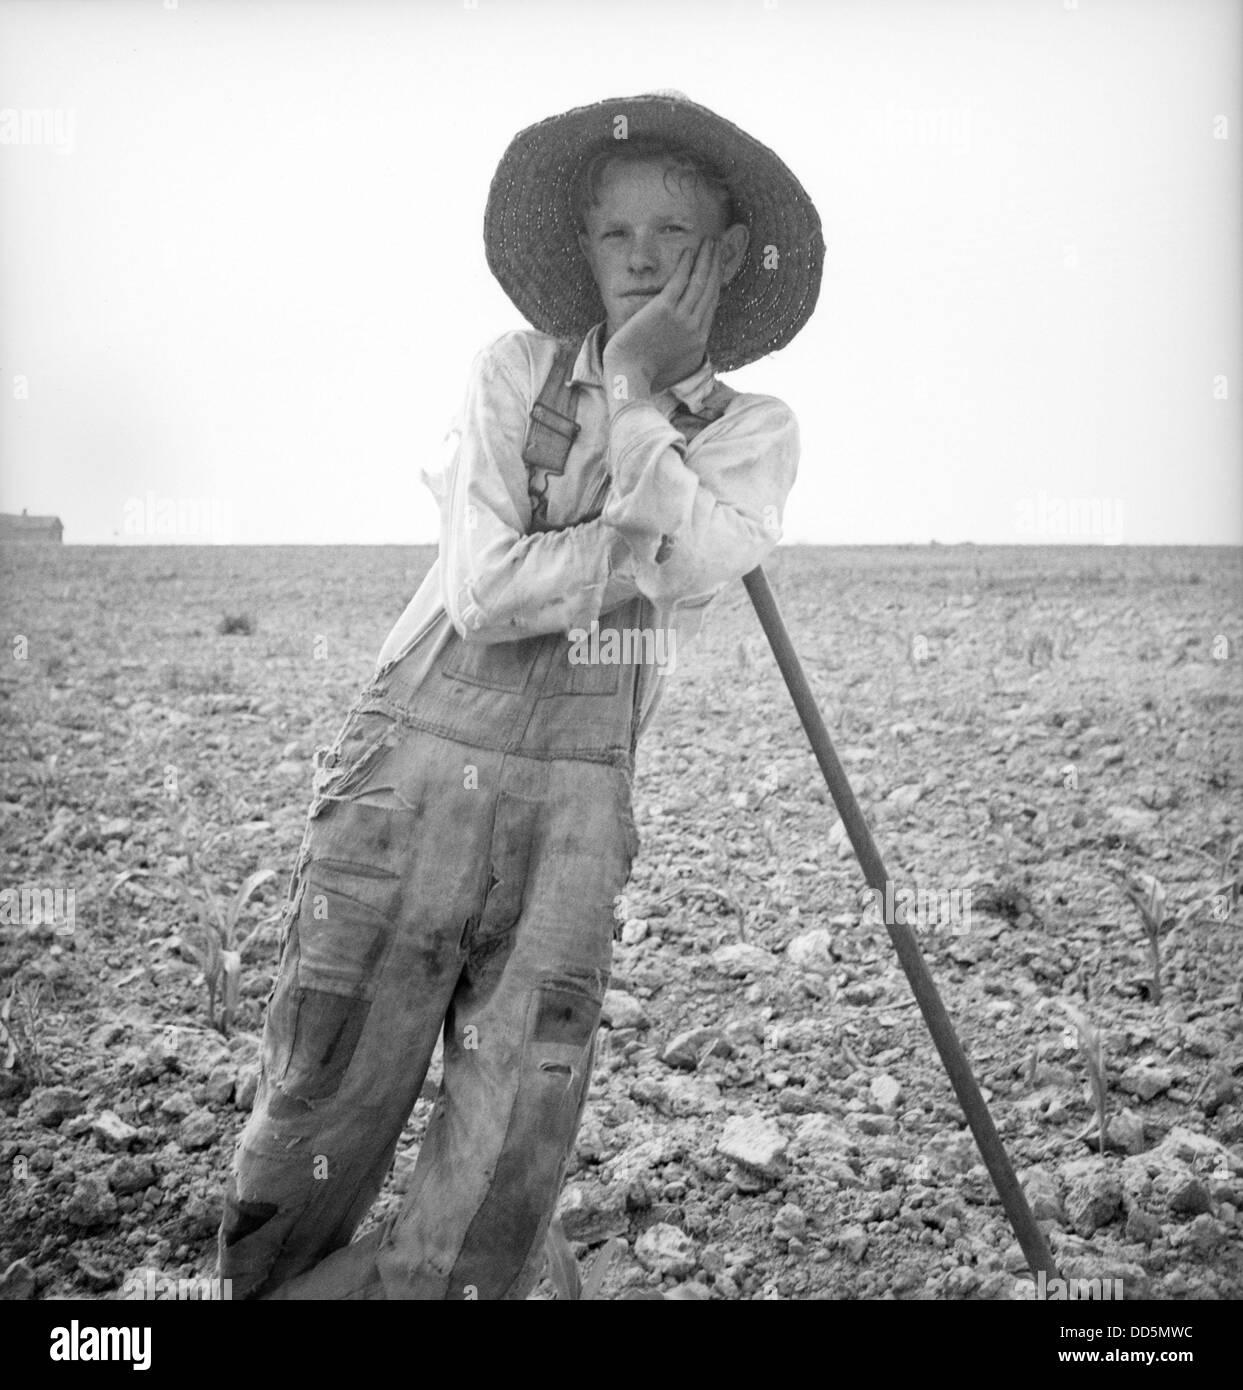 Pauvre garçon de ferme blanche s'appuyant sur son hoe en Caroline du Nord. Juillet 1936. Photographie de Dorothea Banque D'Images